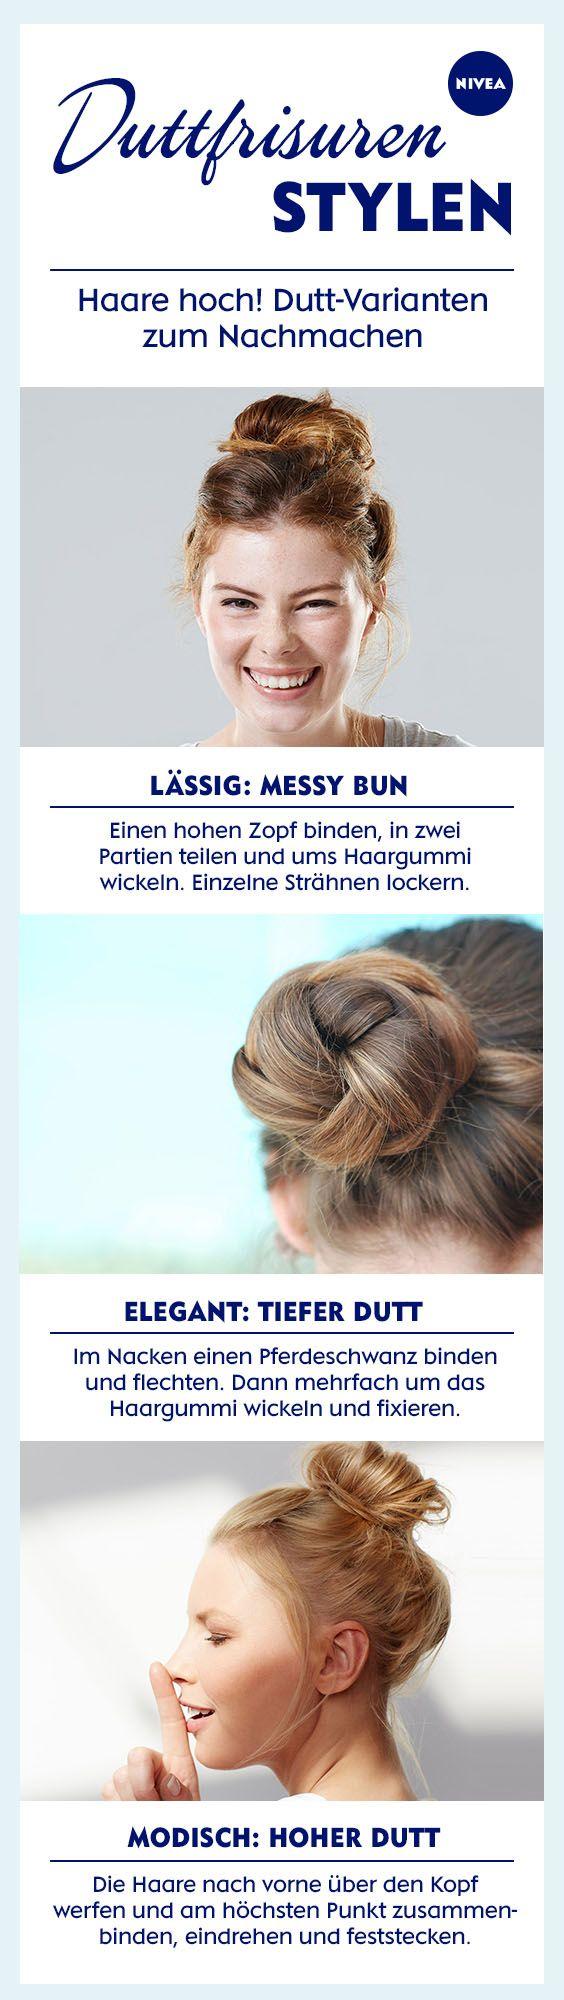 Die einfachste Lösung an Bad Hair Days? Haare hochbinden. Ob geflochten oder als Messy Bun ...